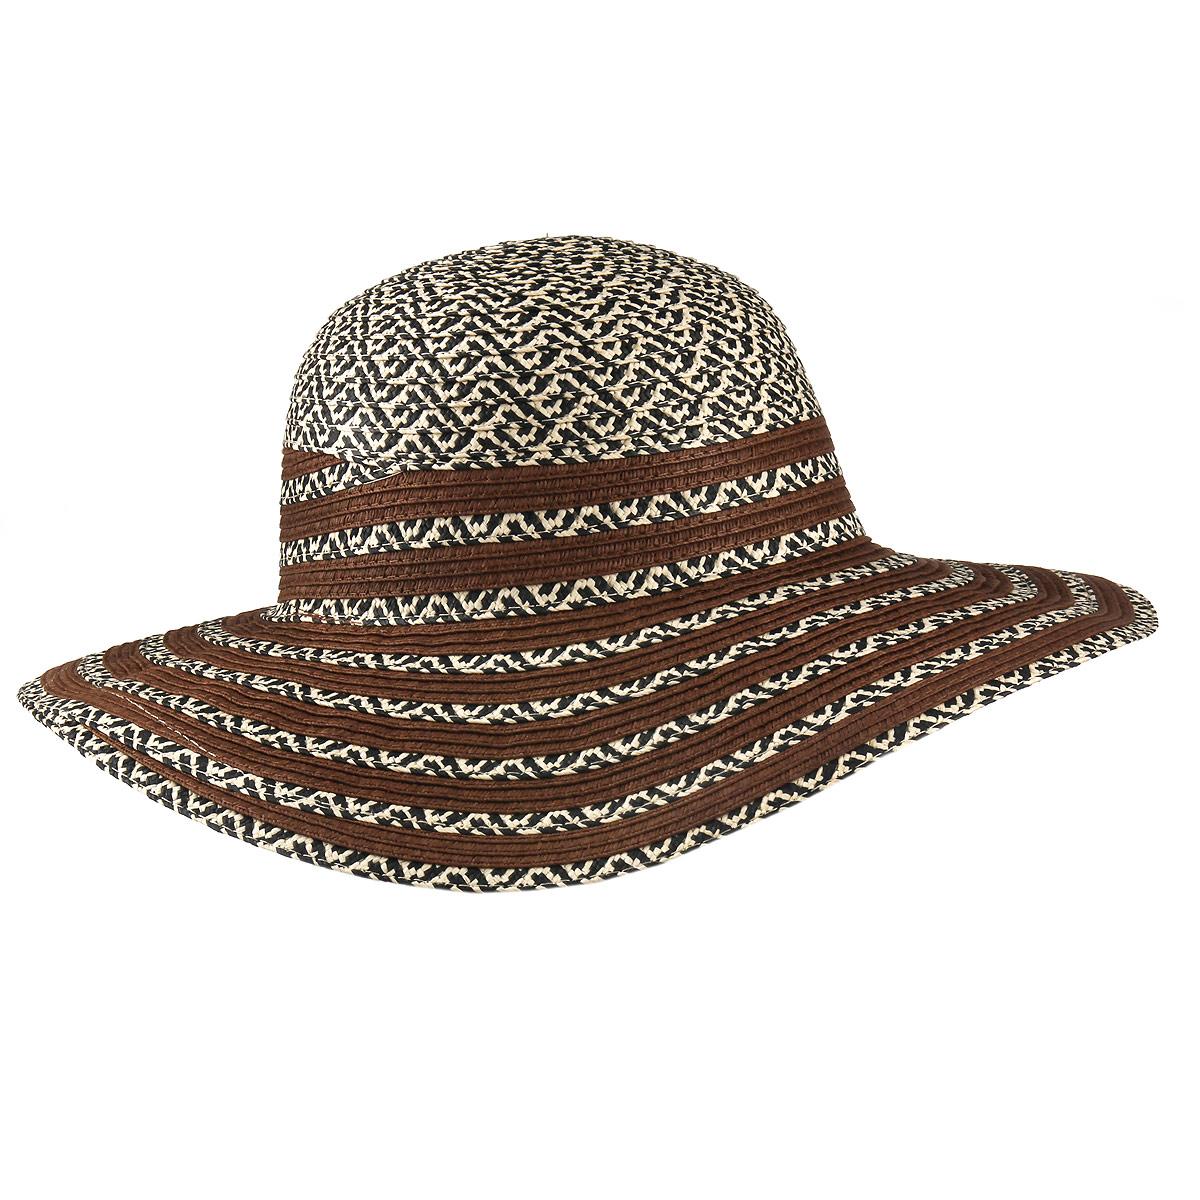 Шляпа1966334Летняя женская шляпа Canoe Stylish, выполненная из искусственной соломы, станет незаменимым аксессуаром для пляжа и отдыха на природе. Широкие поля шляпы надежно защищают от солнечных лучей. Шляпа оформлена стильным африканским орнаментом. Плетение шляпы обеспечивает необходимую вентиляцию и комфорт даже в самый знойный день. Шляпа легко восстанавливает свою форму после сжатия. Стильная шляпа с элегантными волнистыми полями подчеркнет вашу неповторимость и дополнит ваш повседневный образ.